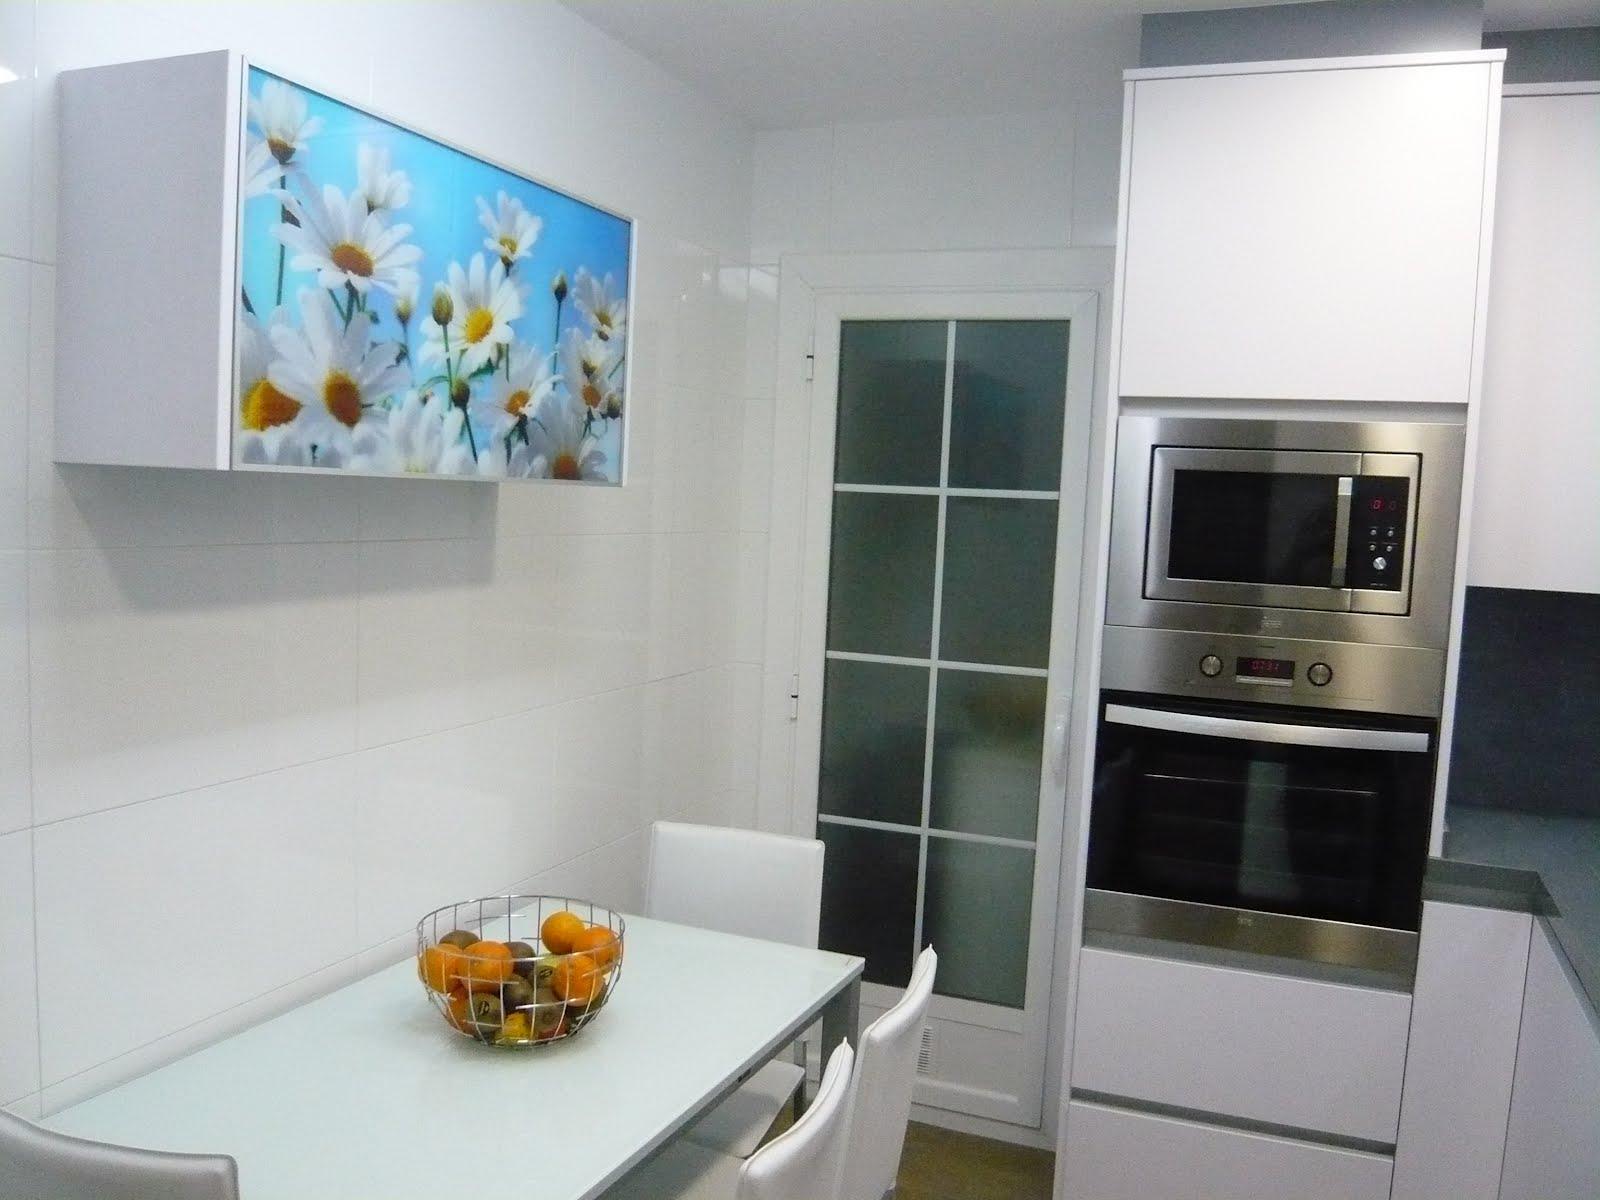 Reuscuina muebles de cocina con gola integrado sin for Muebles de cocina con